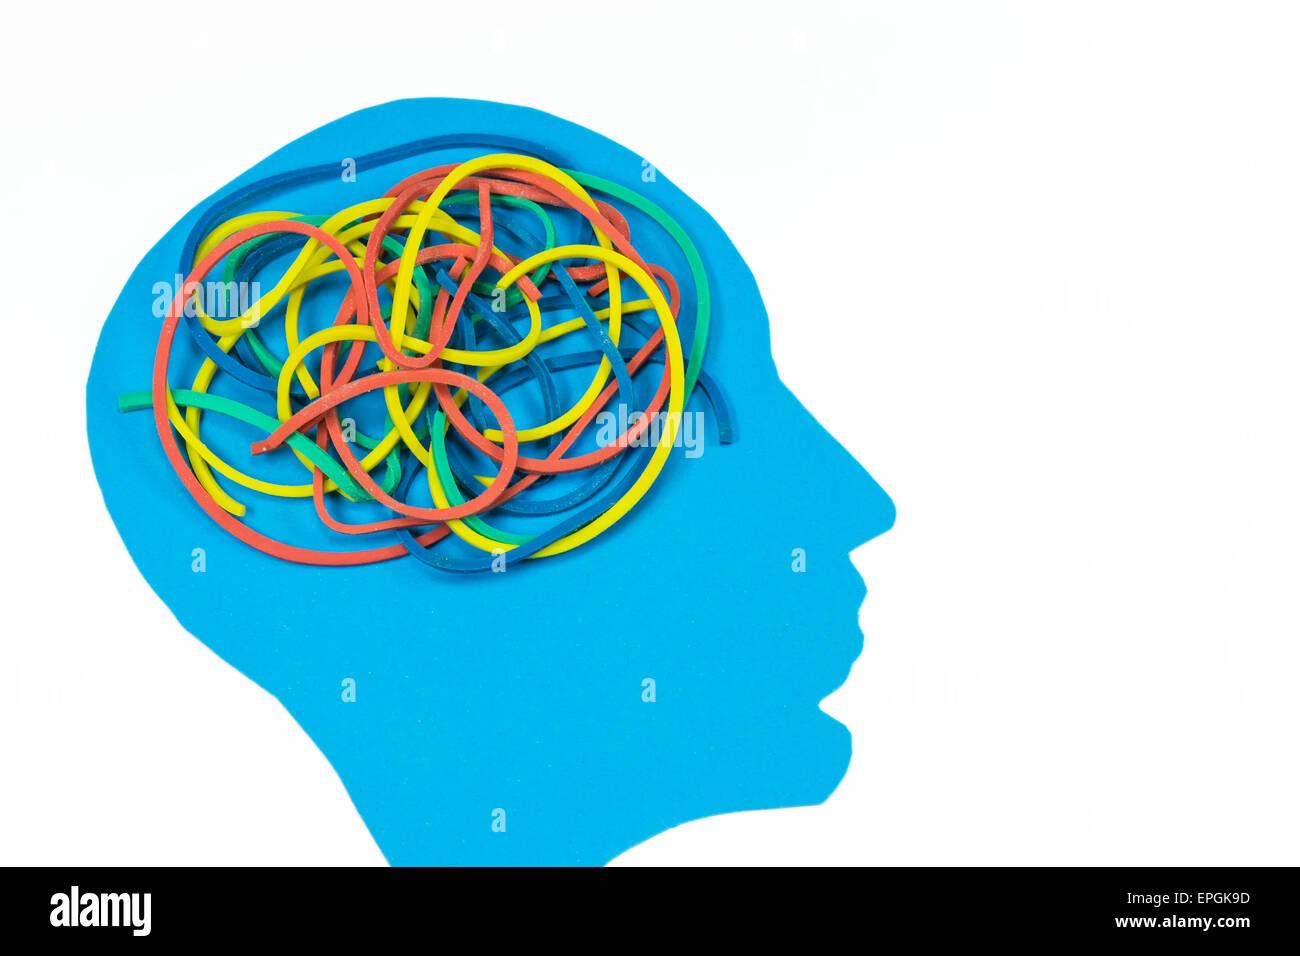 Azul La forma de una cabeza humana con bandas elásticas de color enredados , un concepto para la complejidad Imagen De Stock